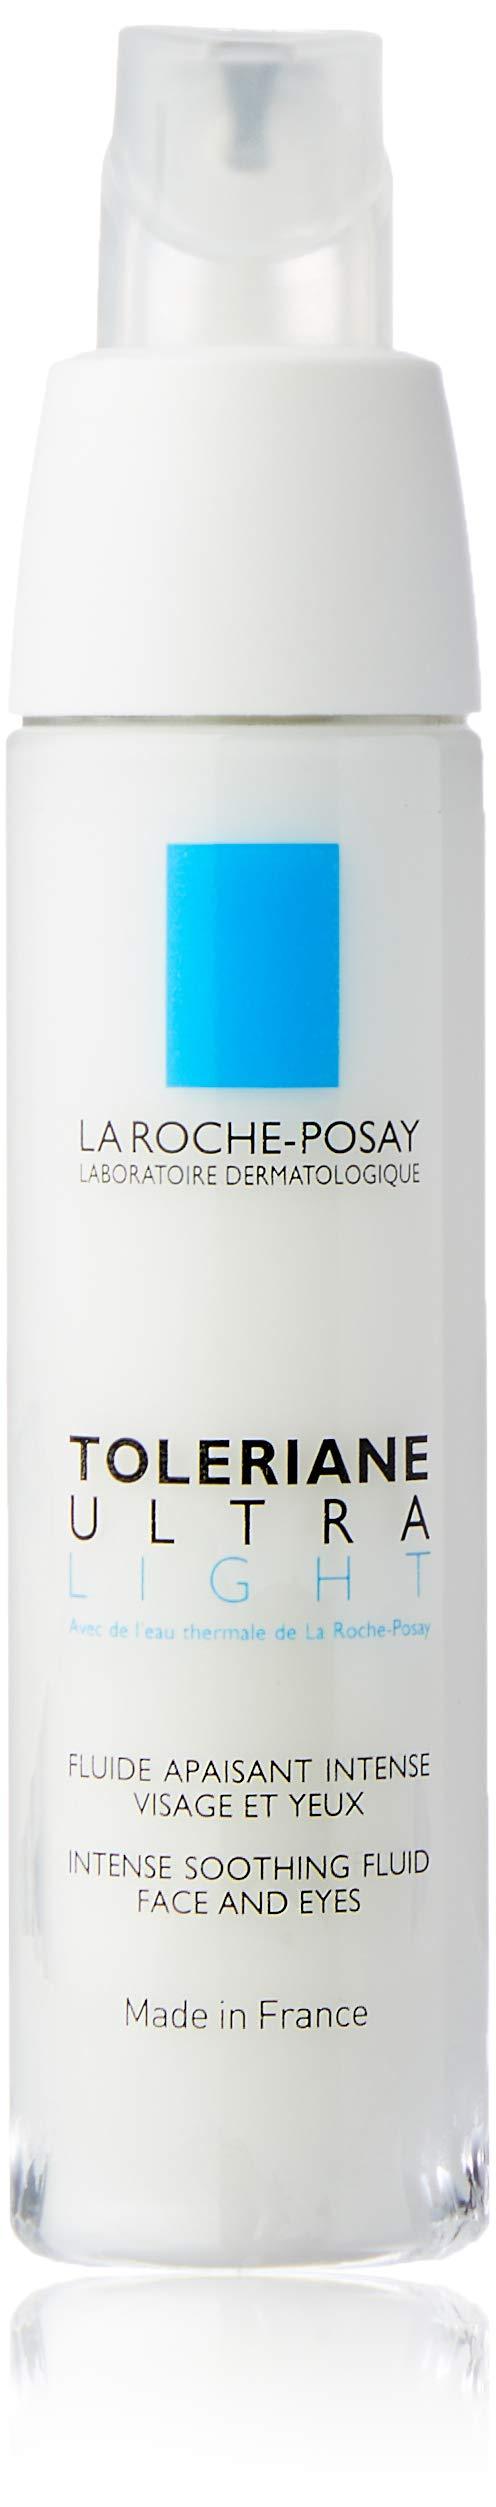 La Roche Posay Toleriane Ultra Fluido Calmante Intenso para Cara y Ojos – 40 ml